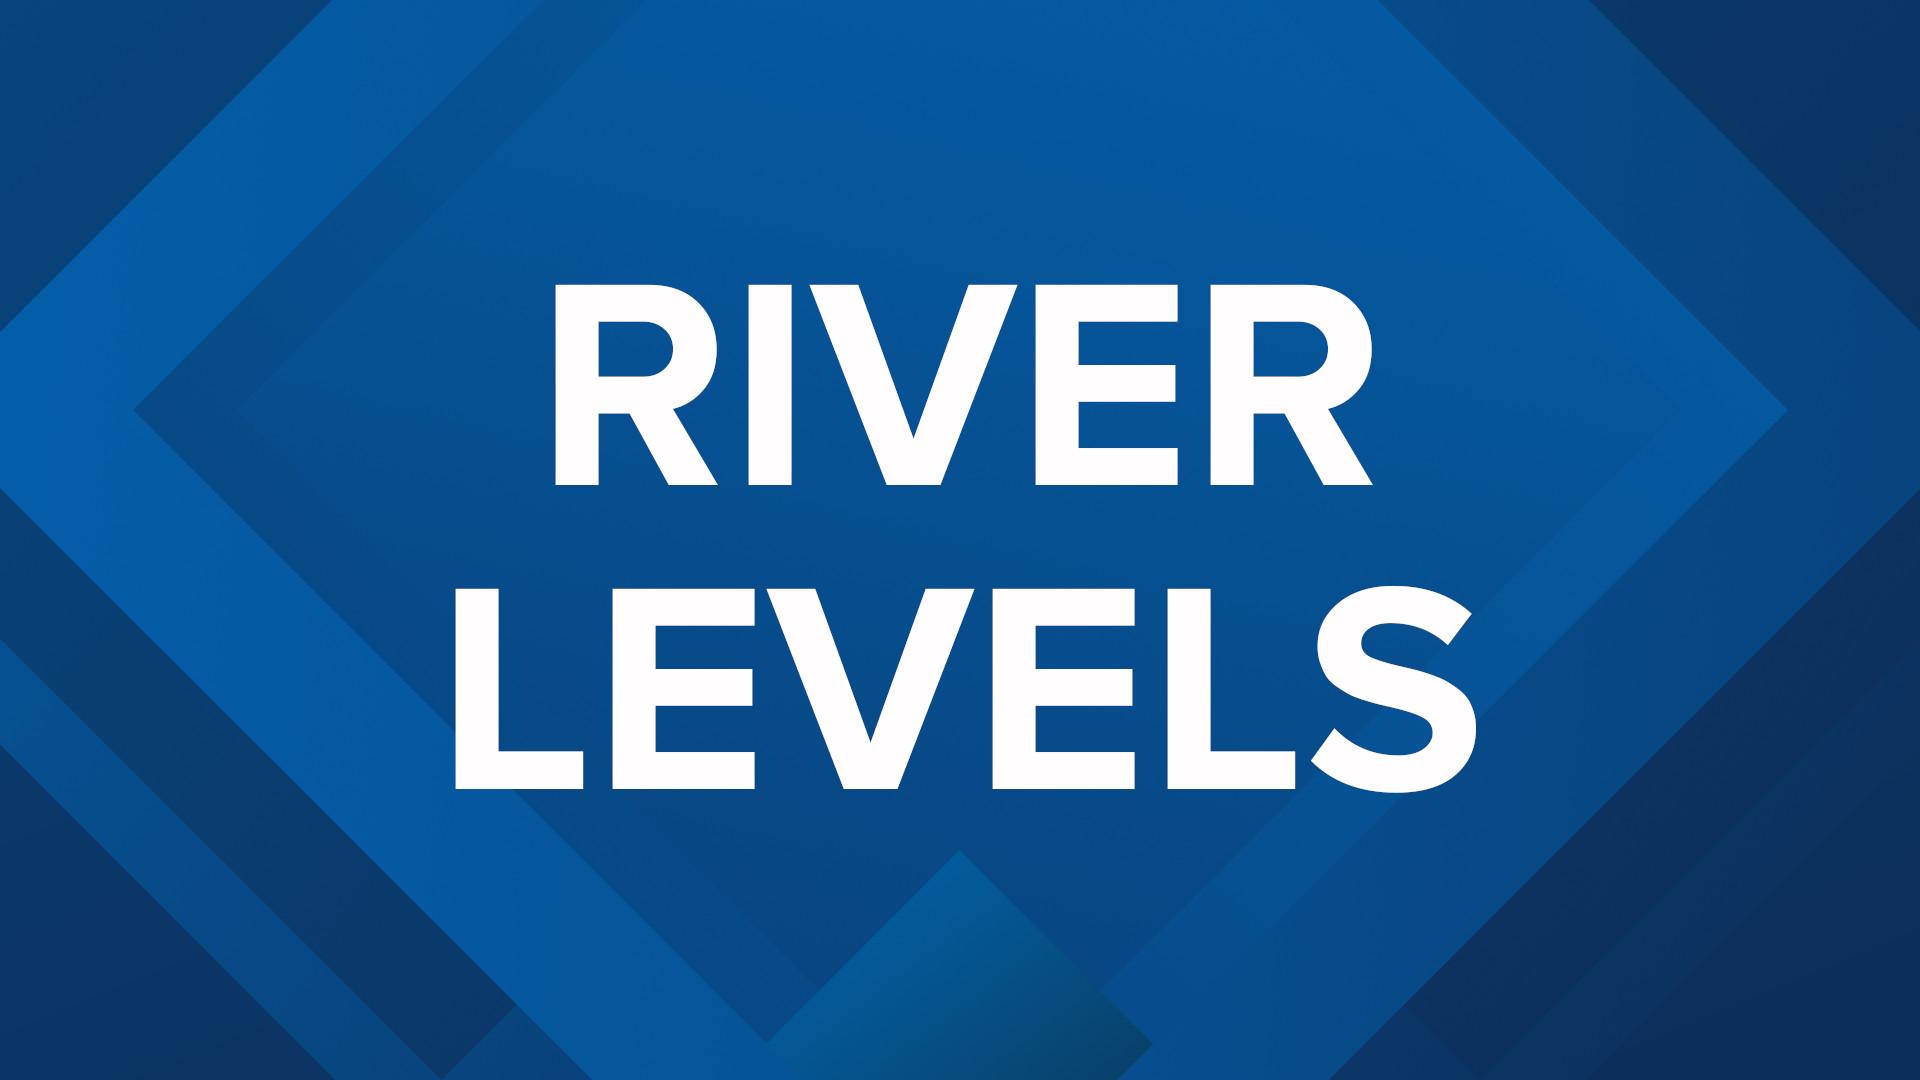 River Levels